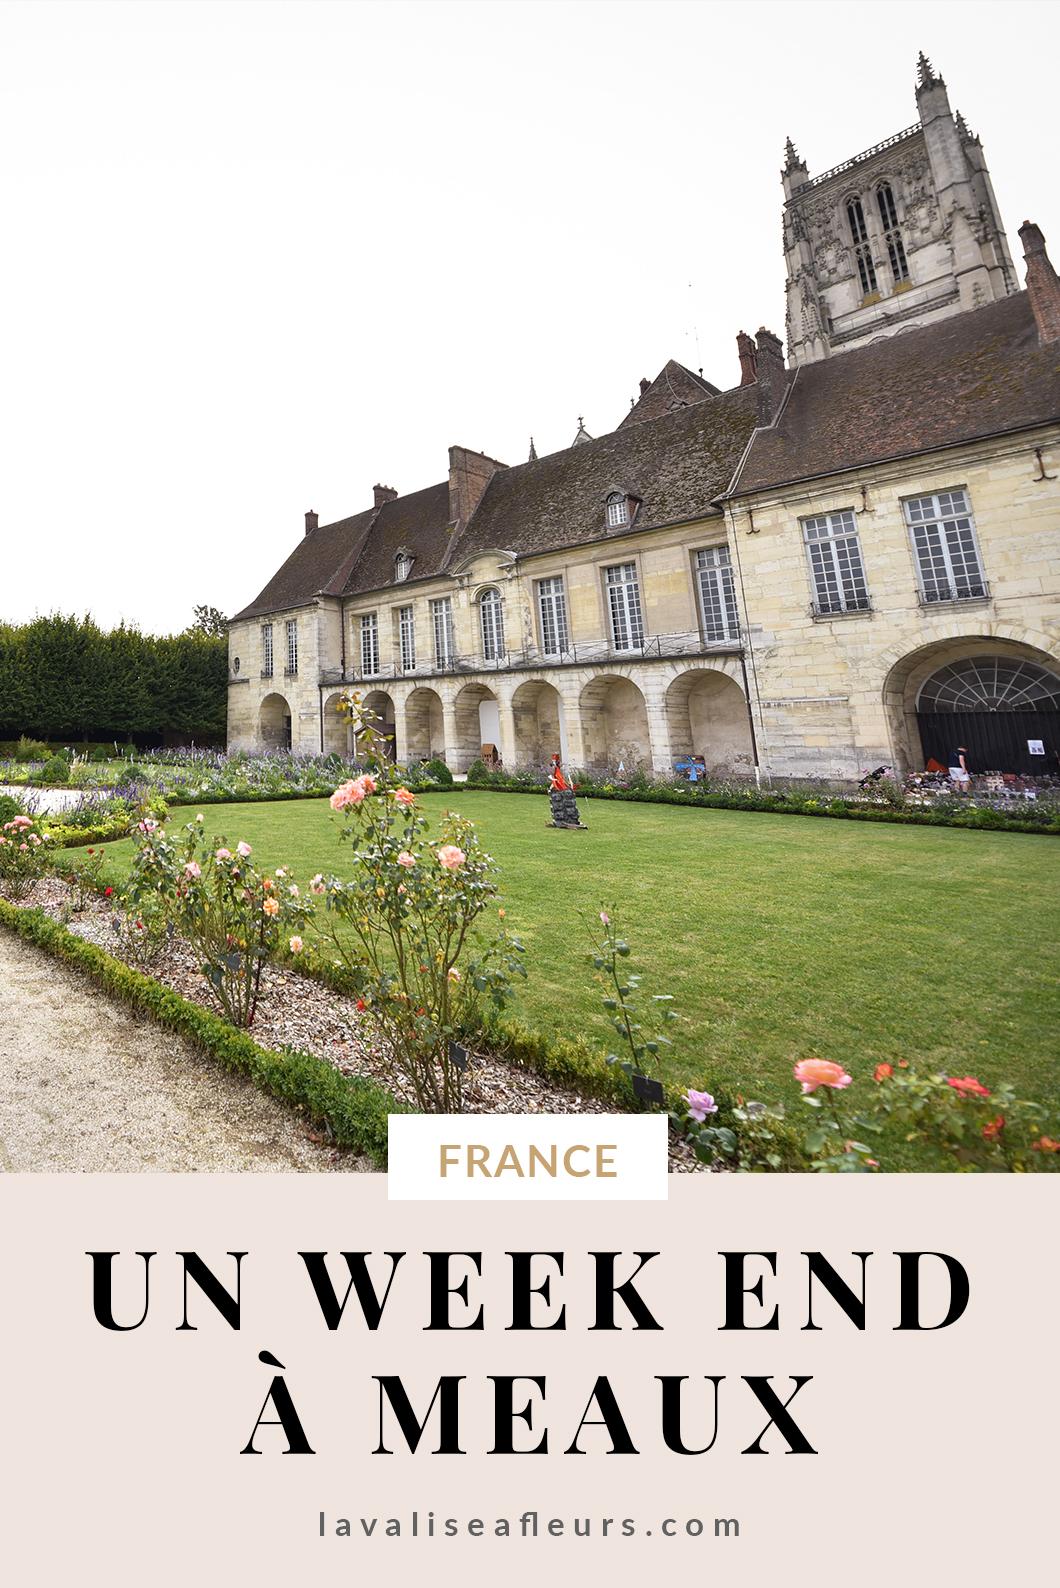 Guide d'un week end à Meaux en France